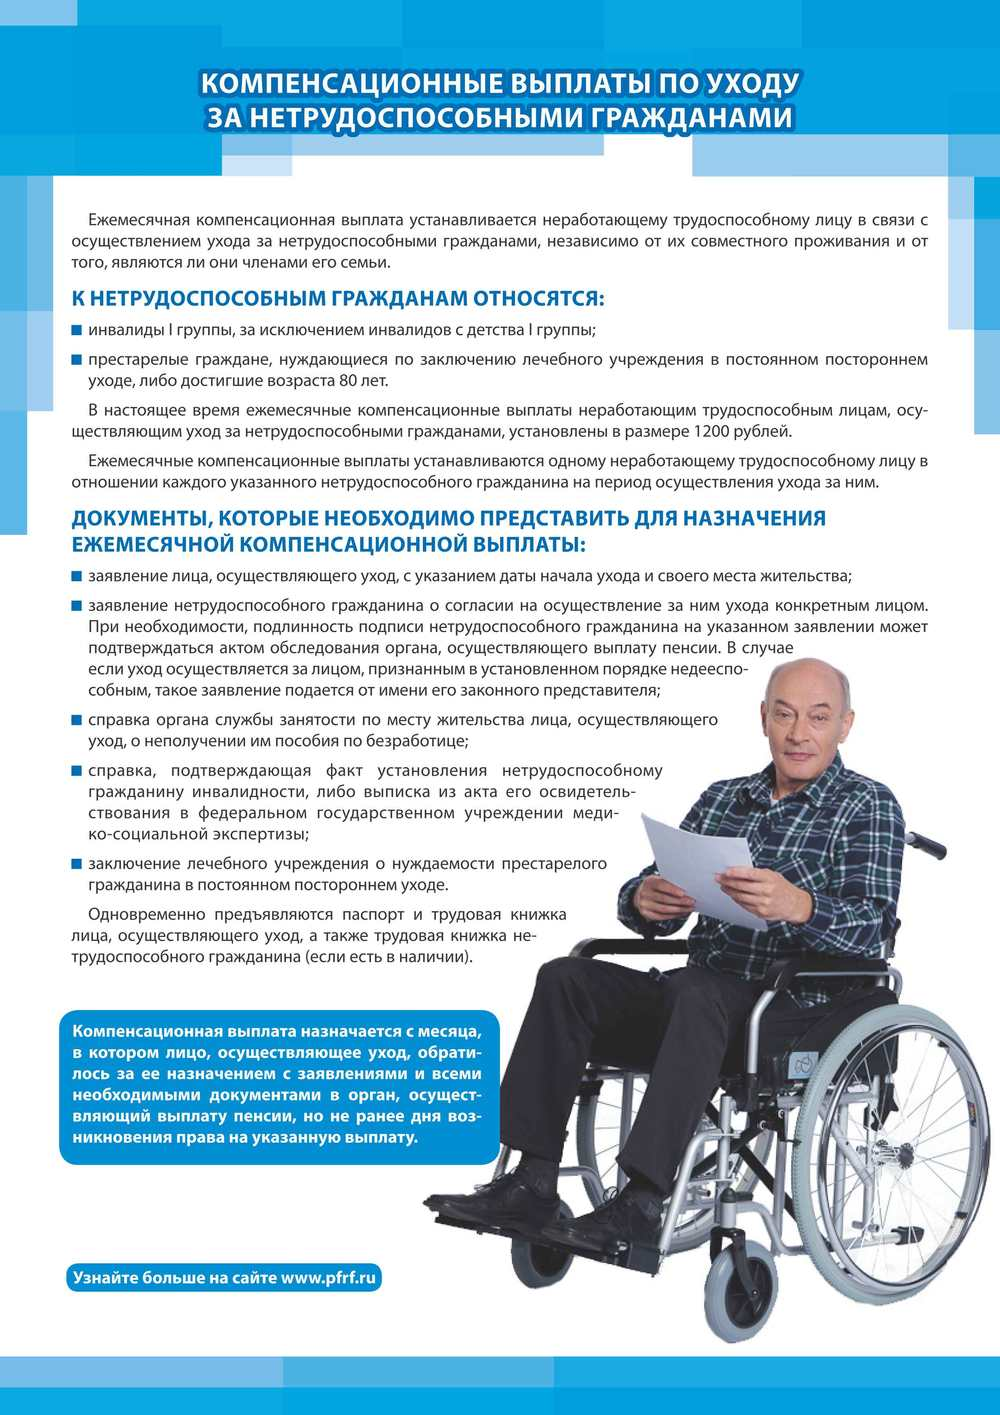 Компенсацию по уходу за инвалидом в размере